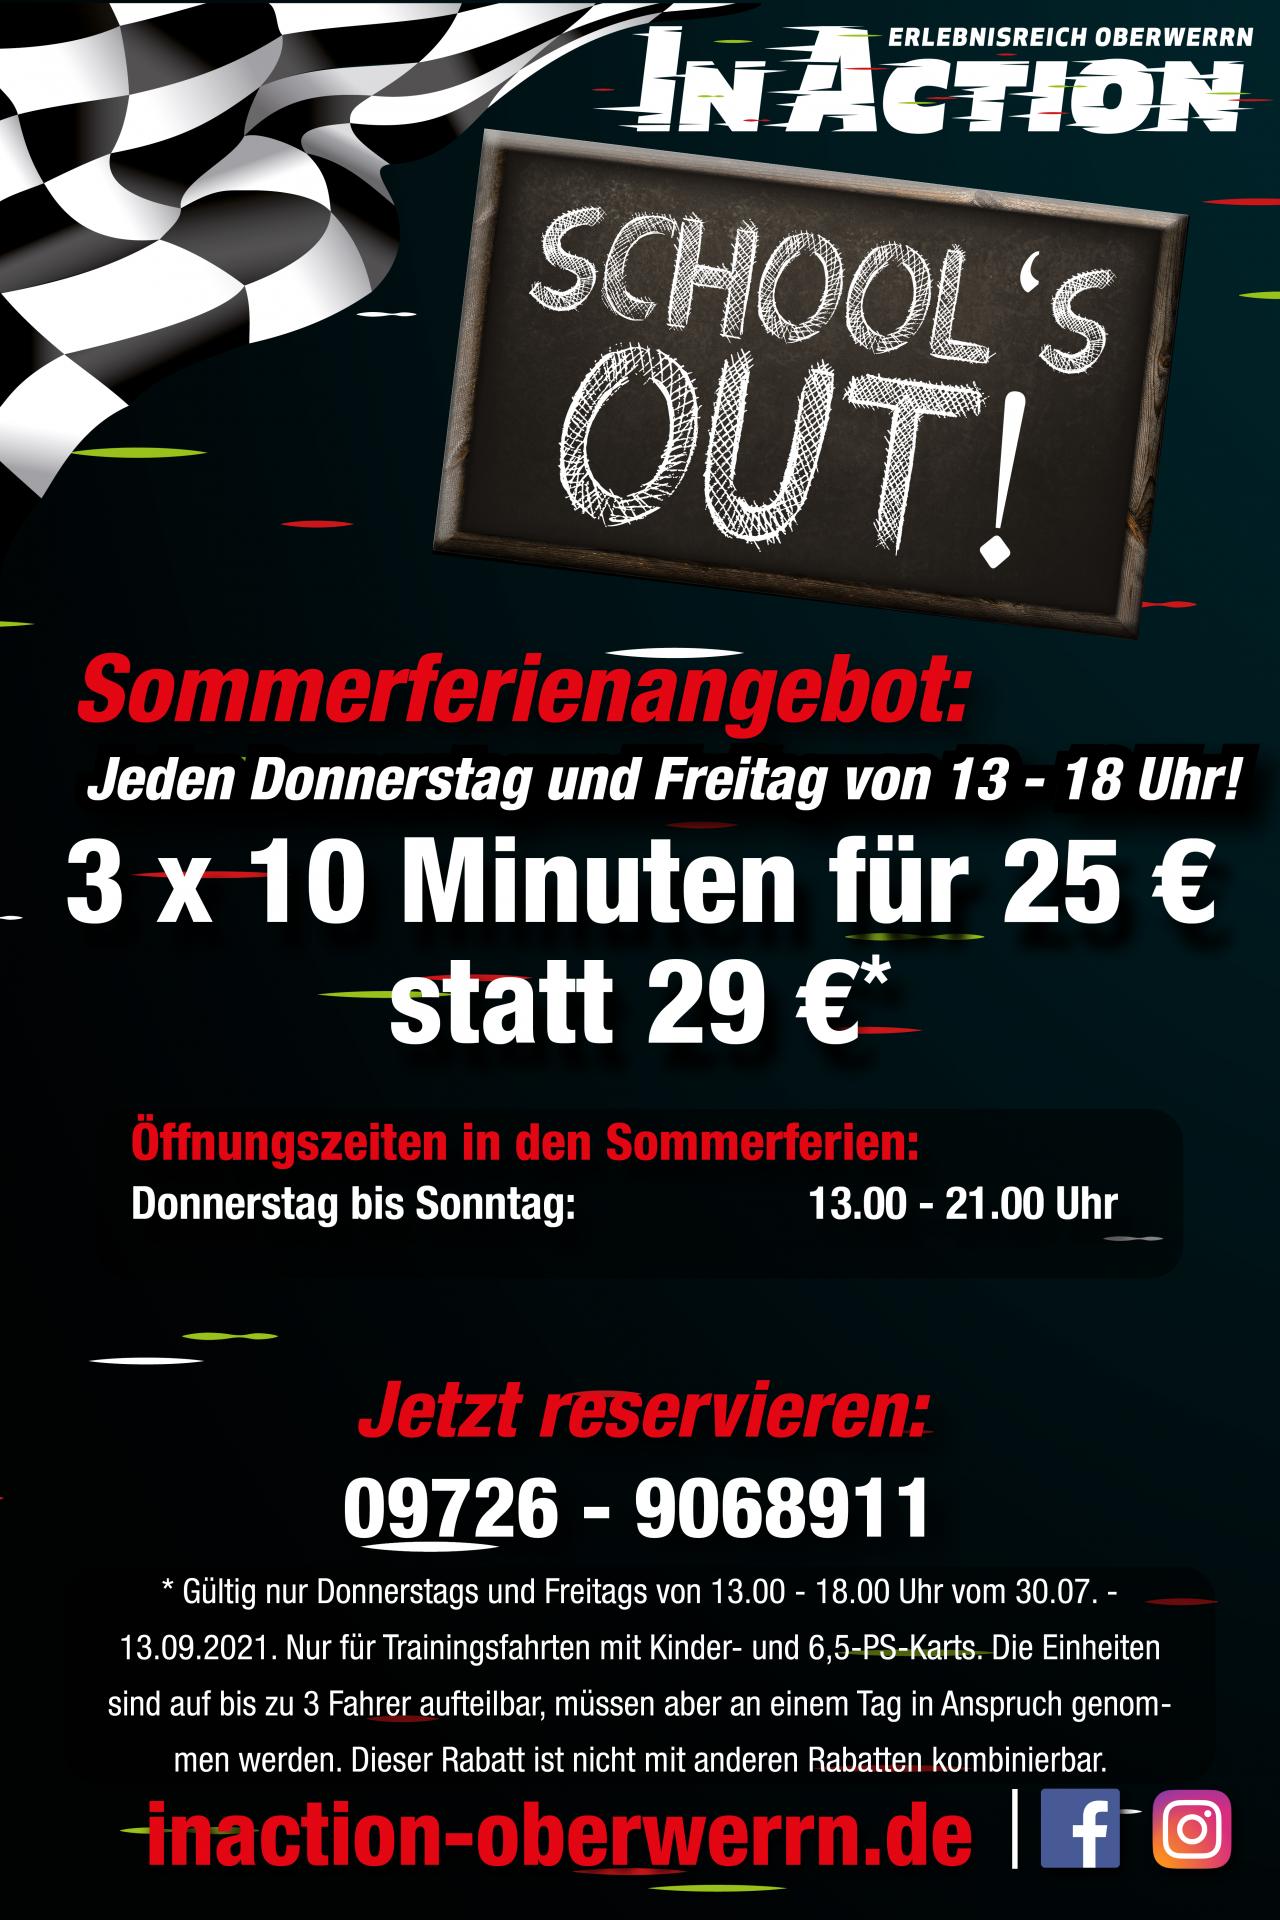 Sommerferien_Angebot_2021